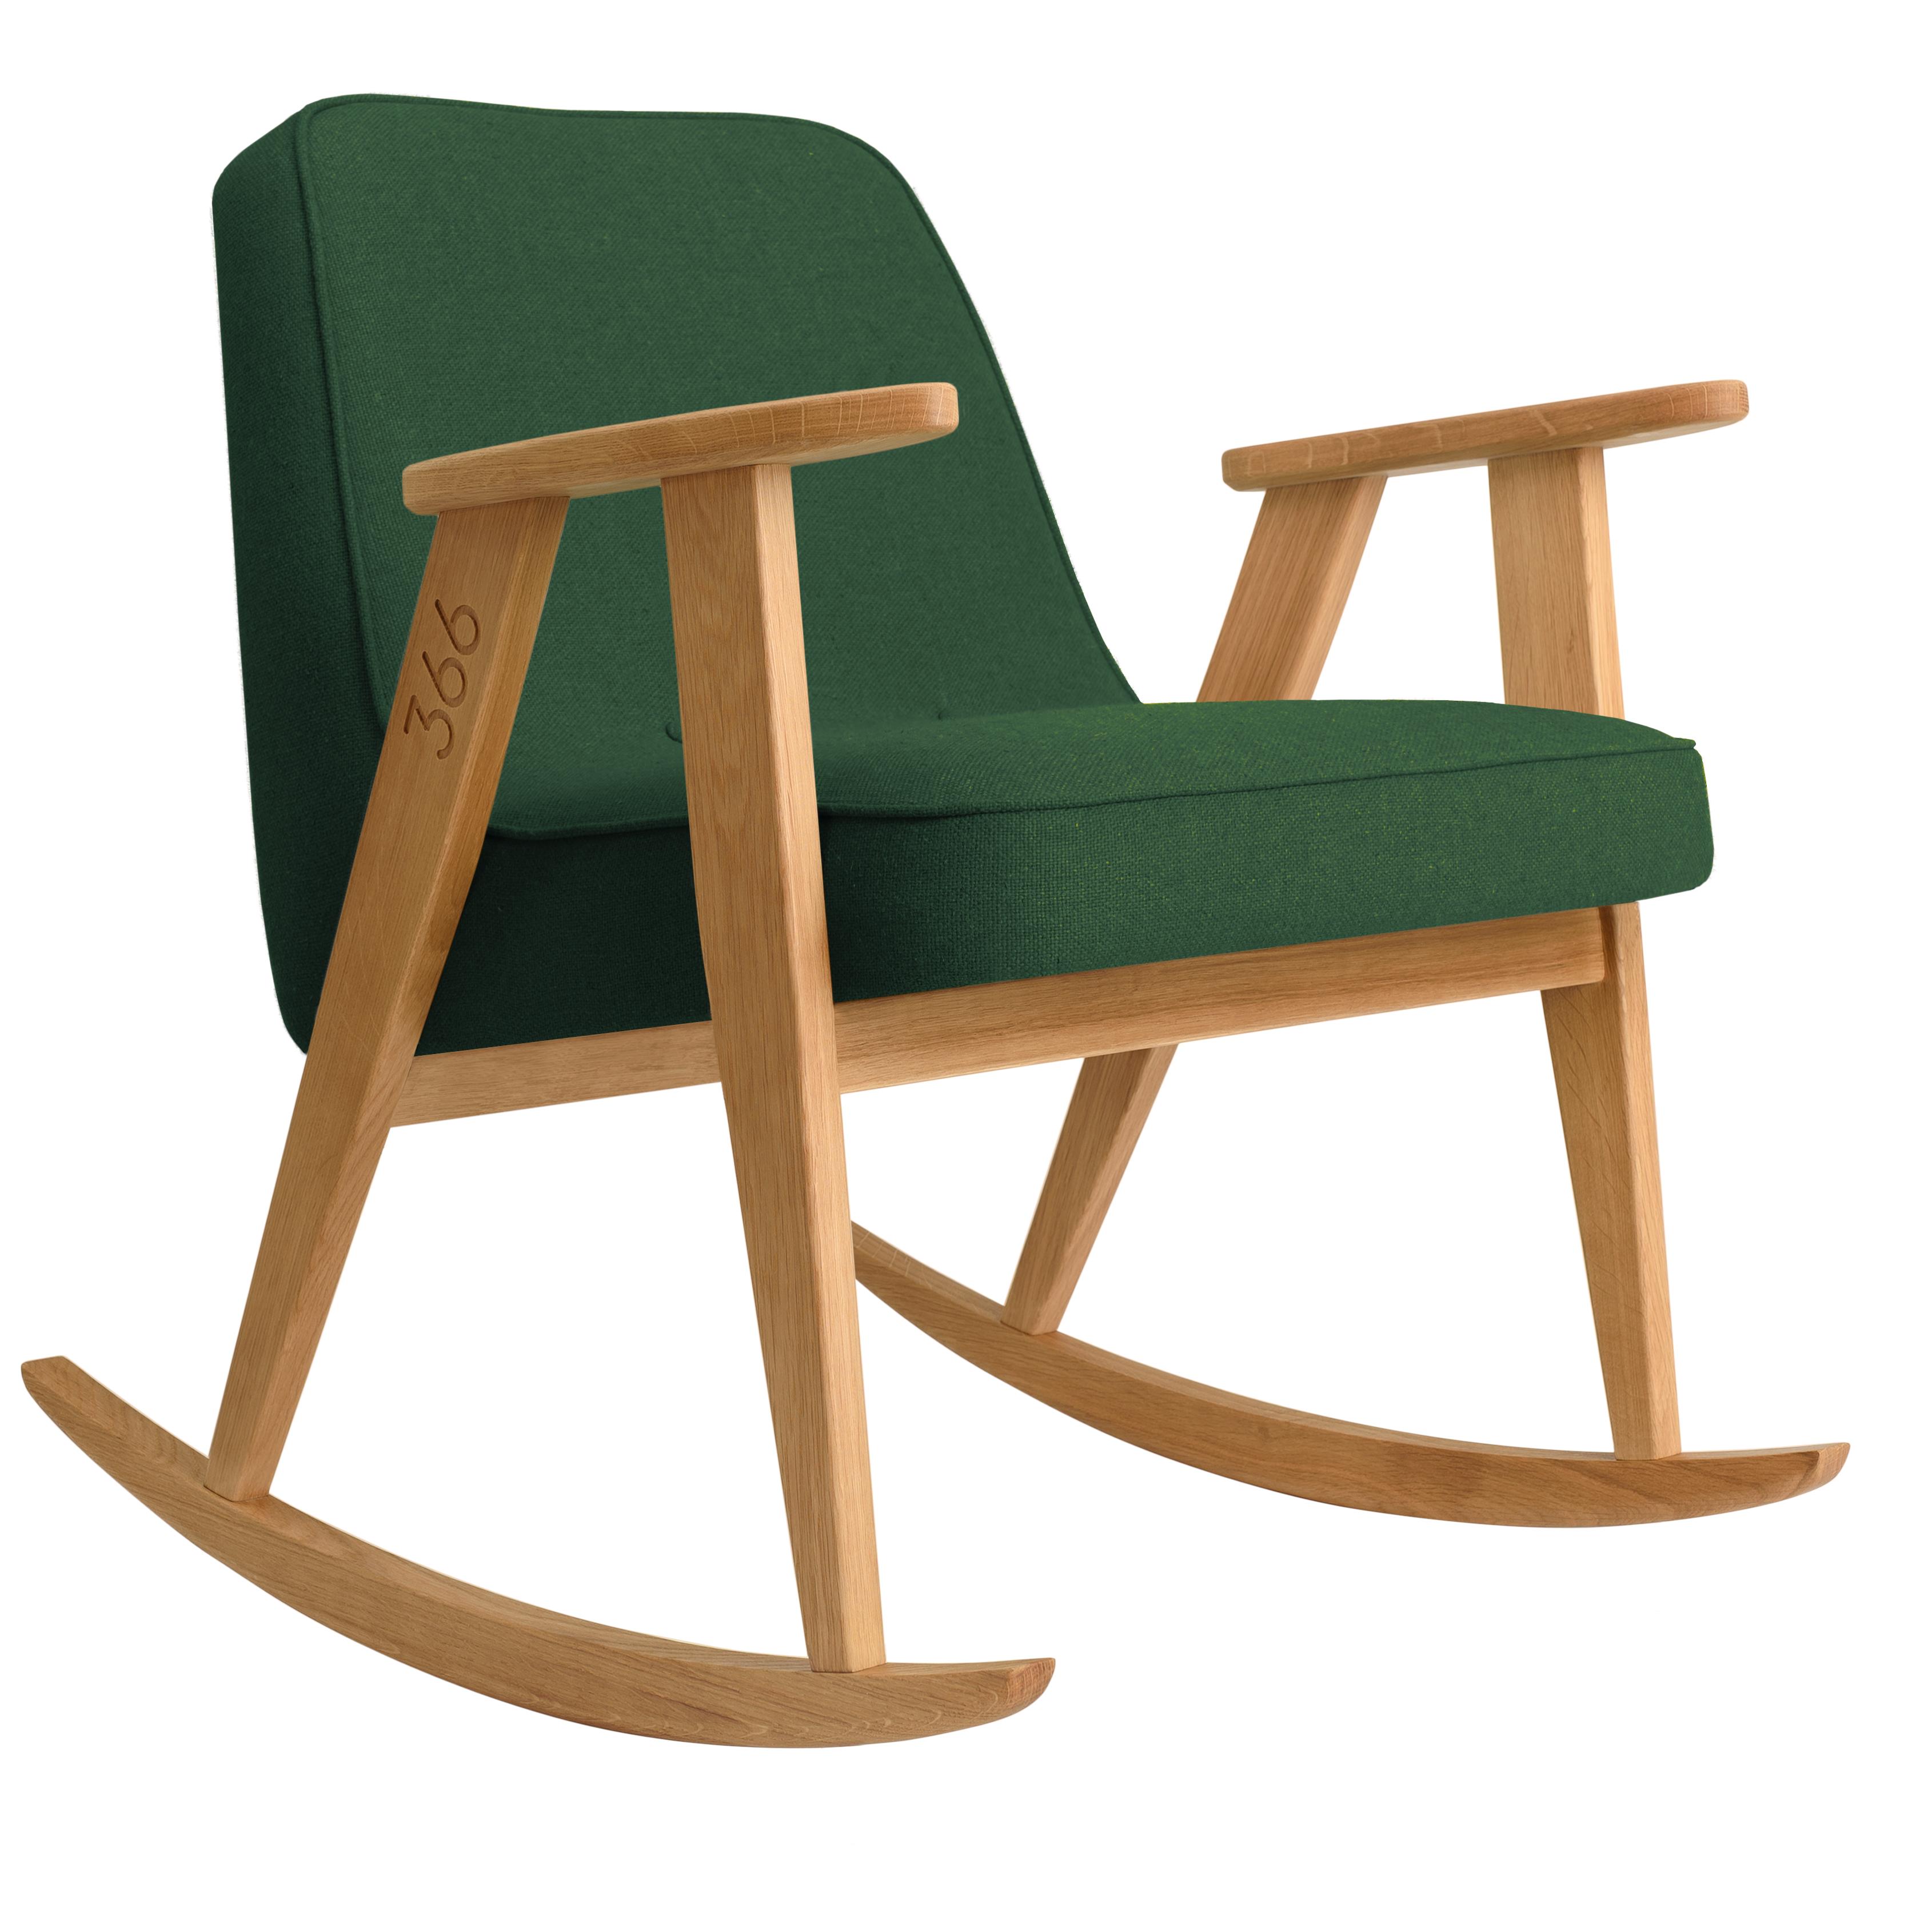 366-concept-366-rocking-chair-oak-02-wool-bottle-green